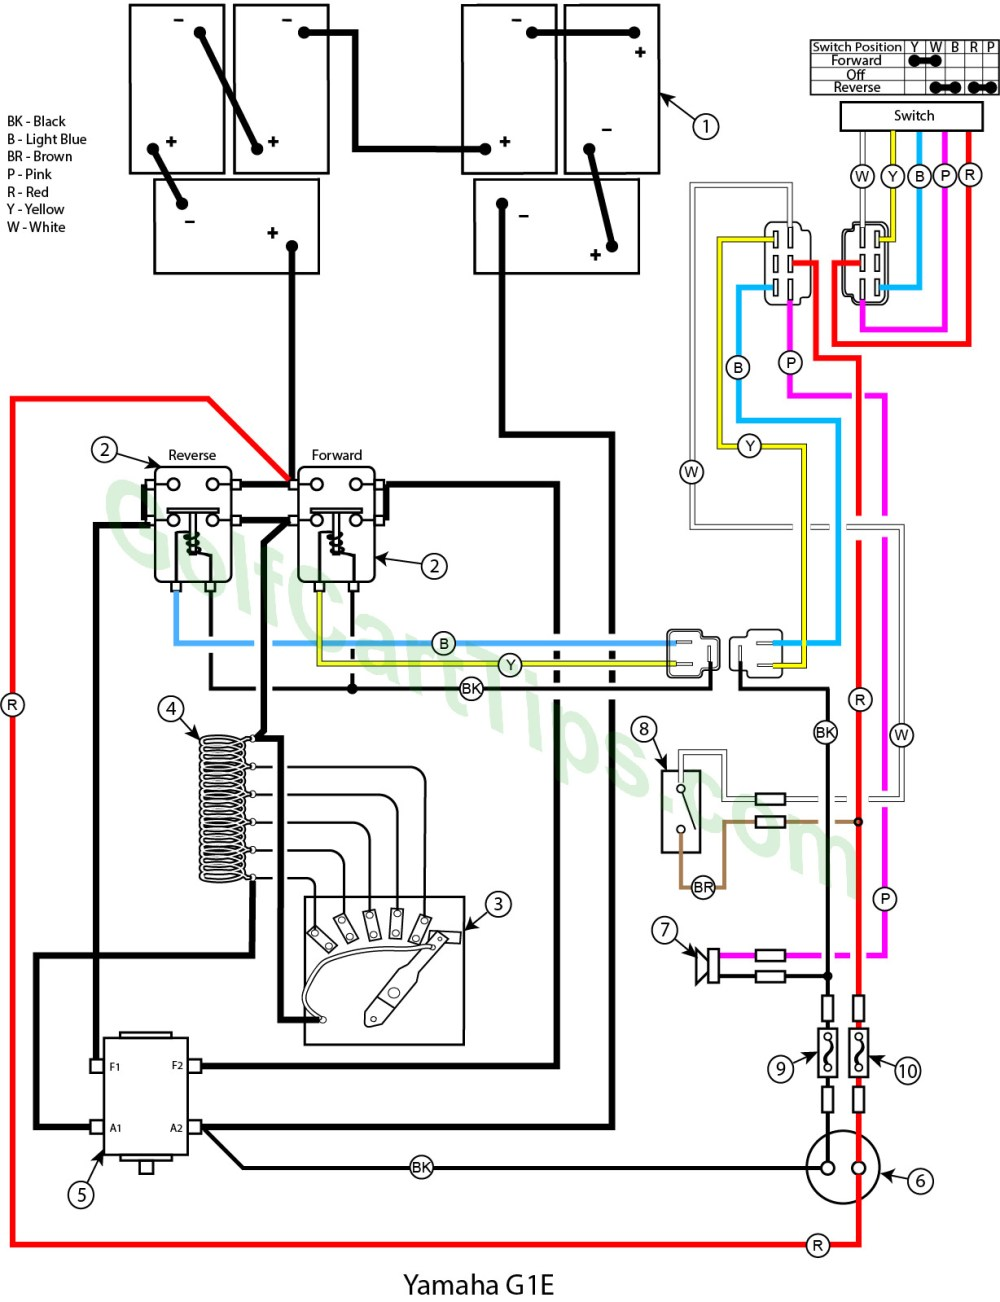 medium resolution of g1e 1980 86 yamaha g1e electrical diagram